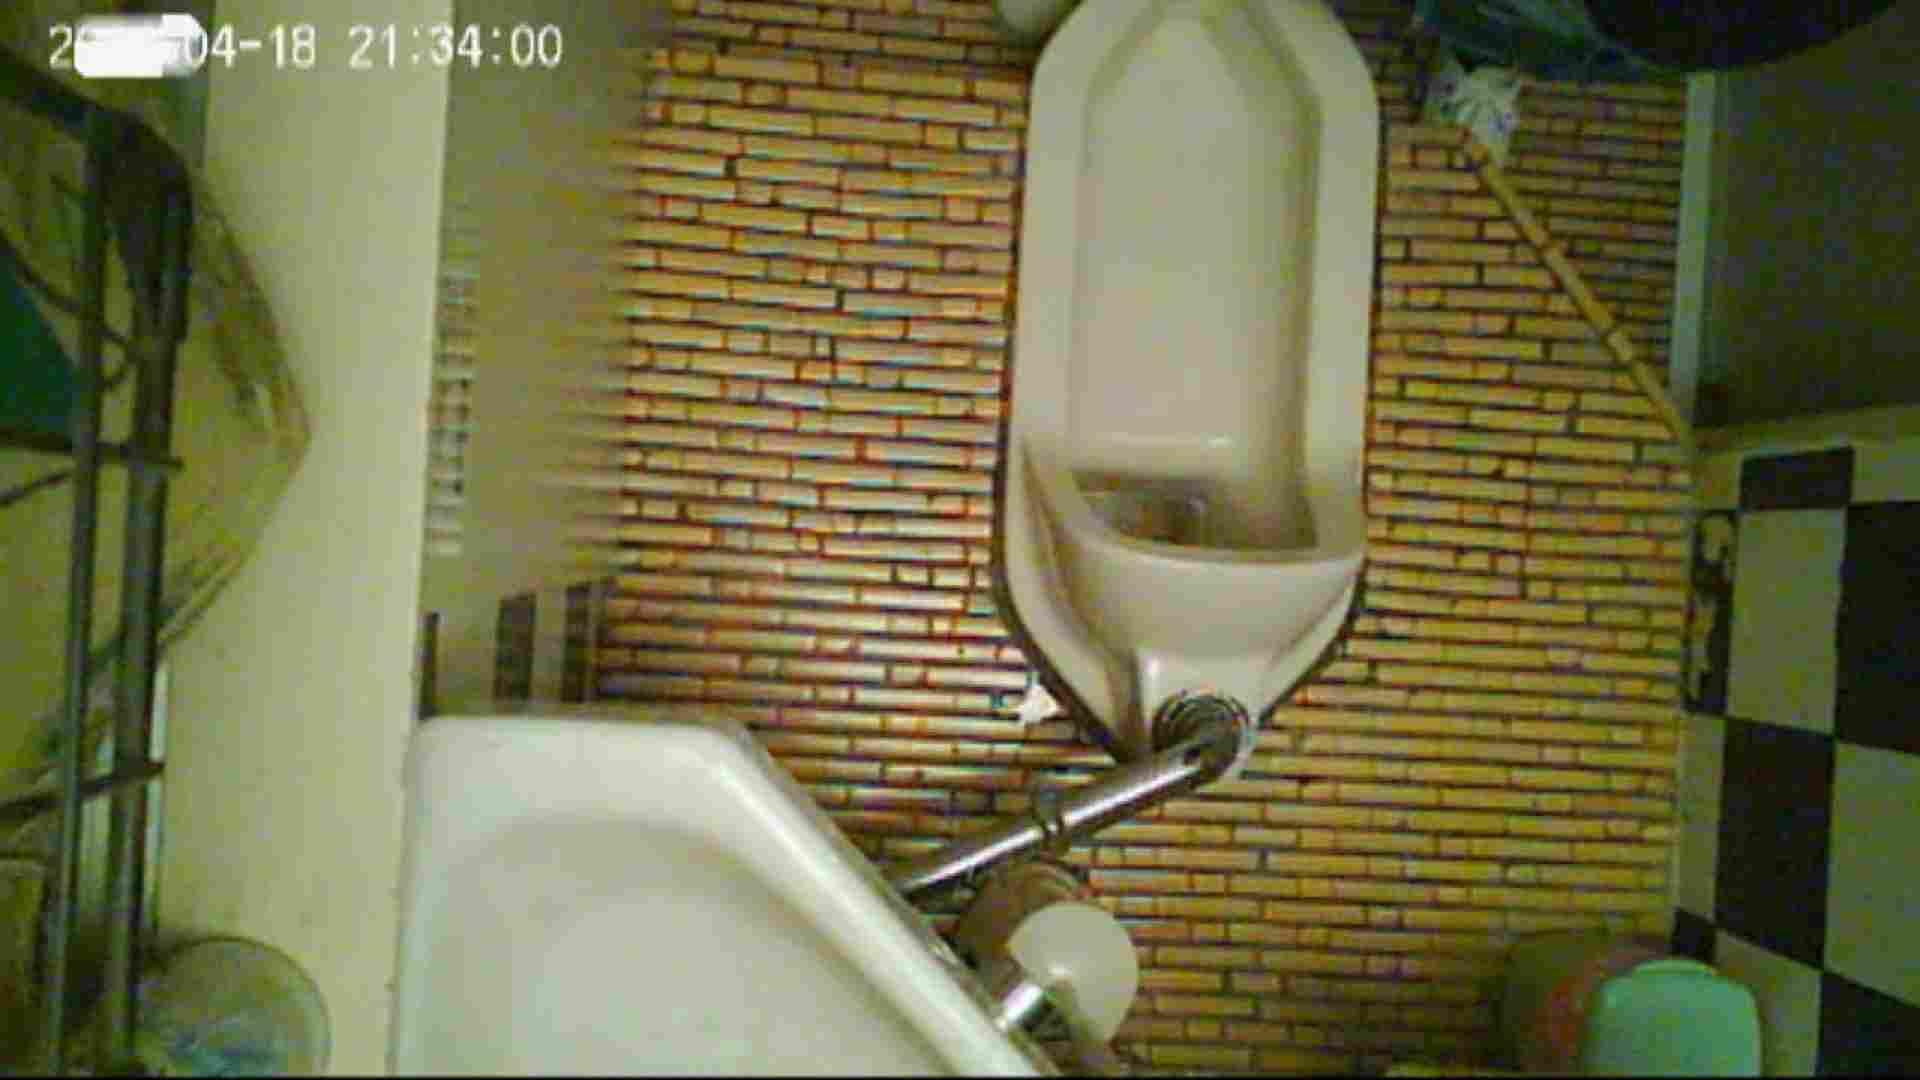 和式トイレの喫茶店店主マロンさんのコレクションvol.6 盗撮映像  64Pix 63